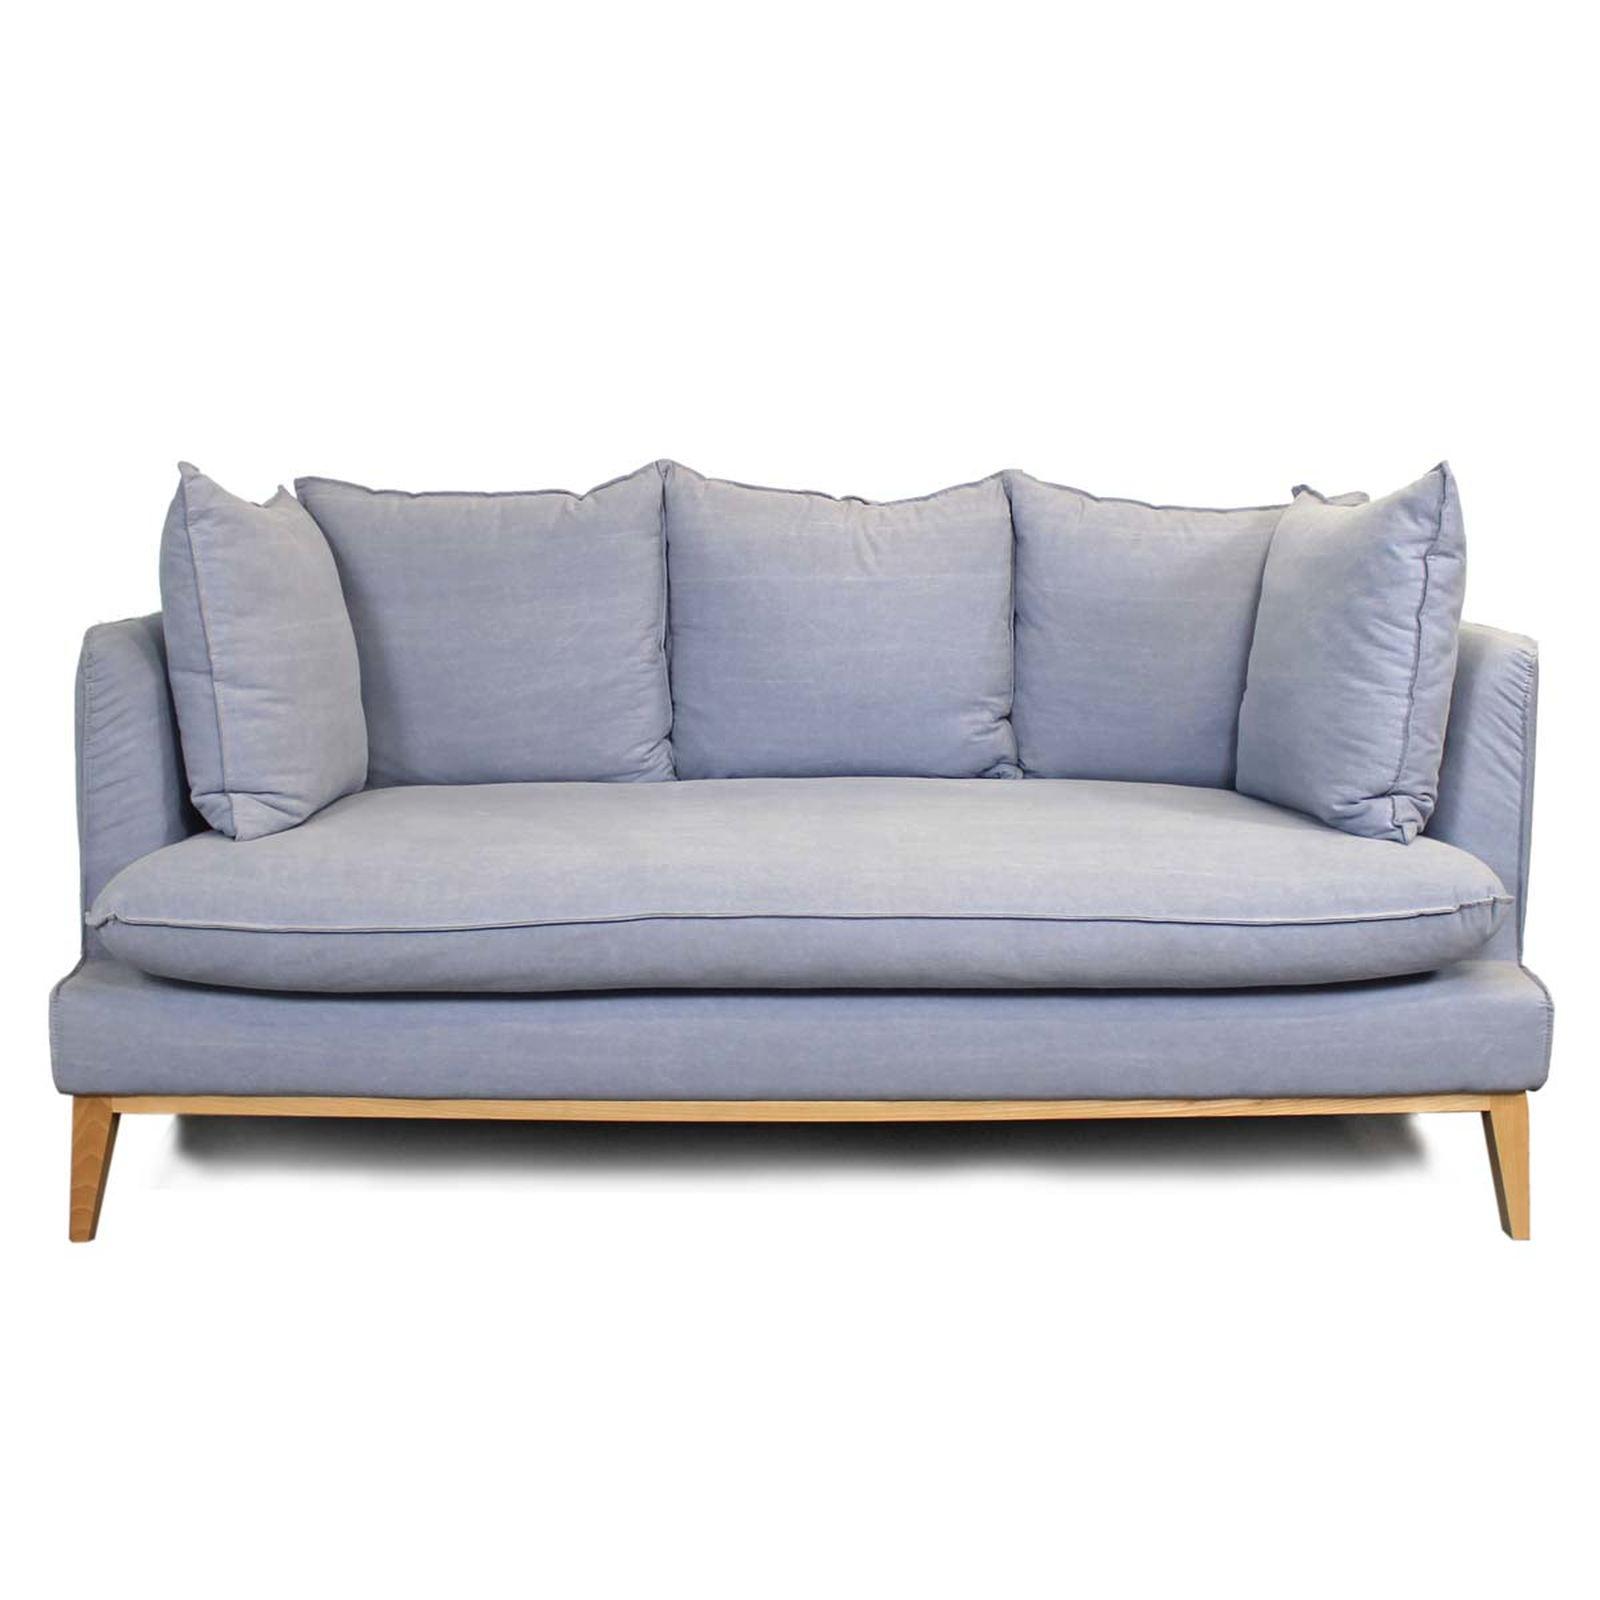 Full Size of 3 Sitzer Sofa Couch Mit Schlaffunktion Ikea Federkern Ektorp Poco Und 2 Sessel Leder Nockeby Grau Bettfunktion Bettkasten Roller L Günstiges Fenster Rc3 Sofa 3 Sitzer Sofa